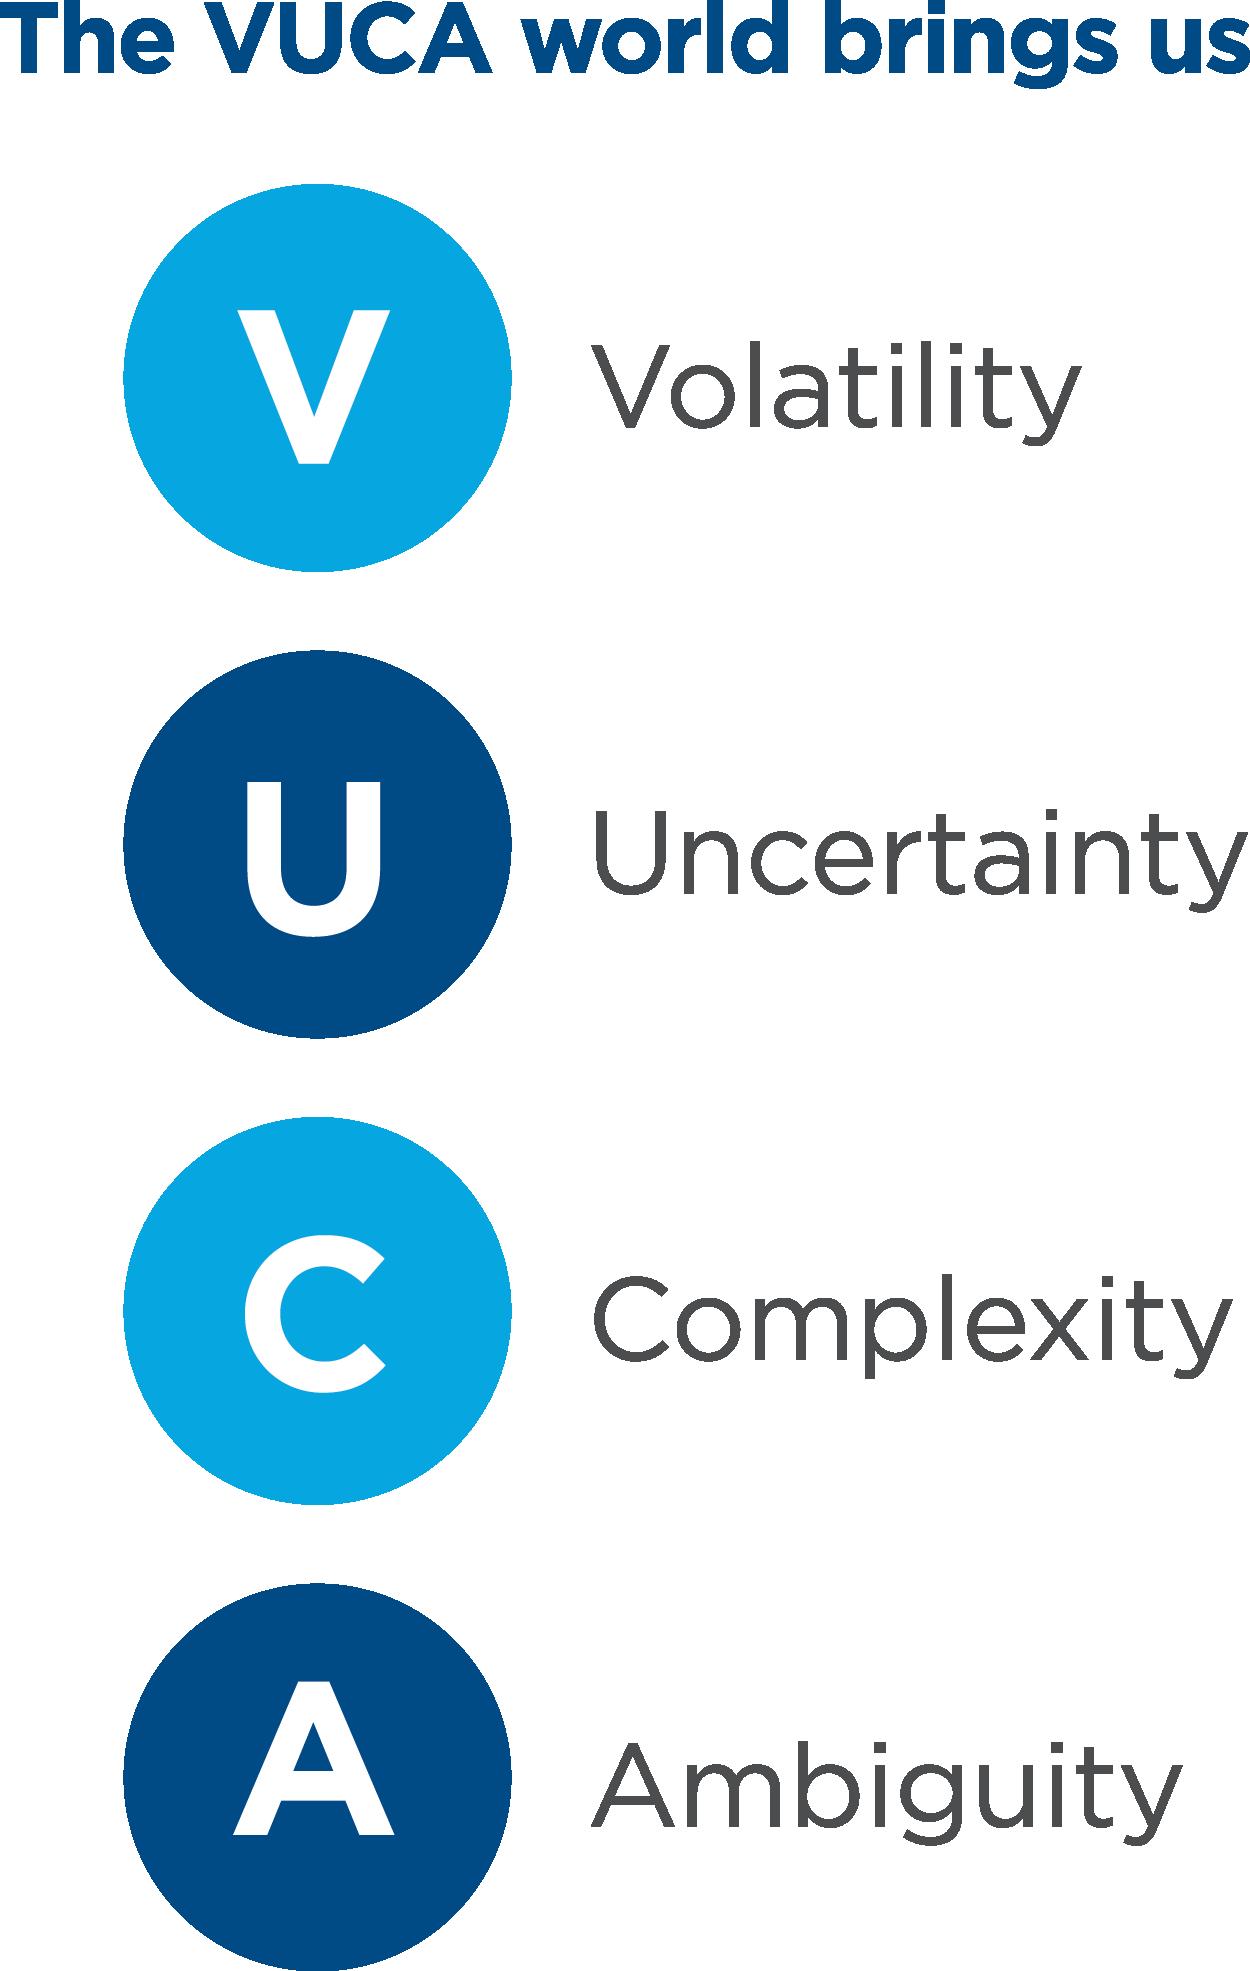 The VUCA world brings us: